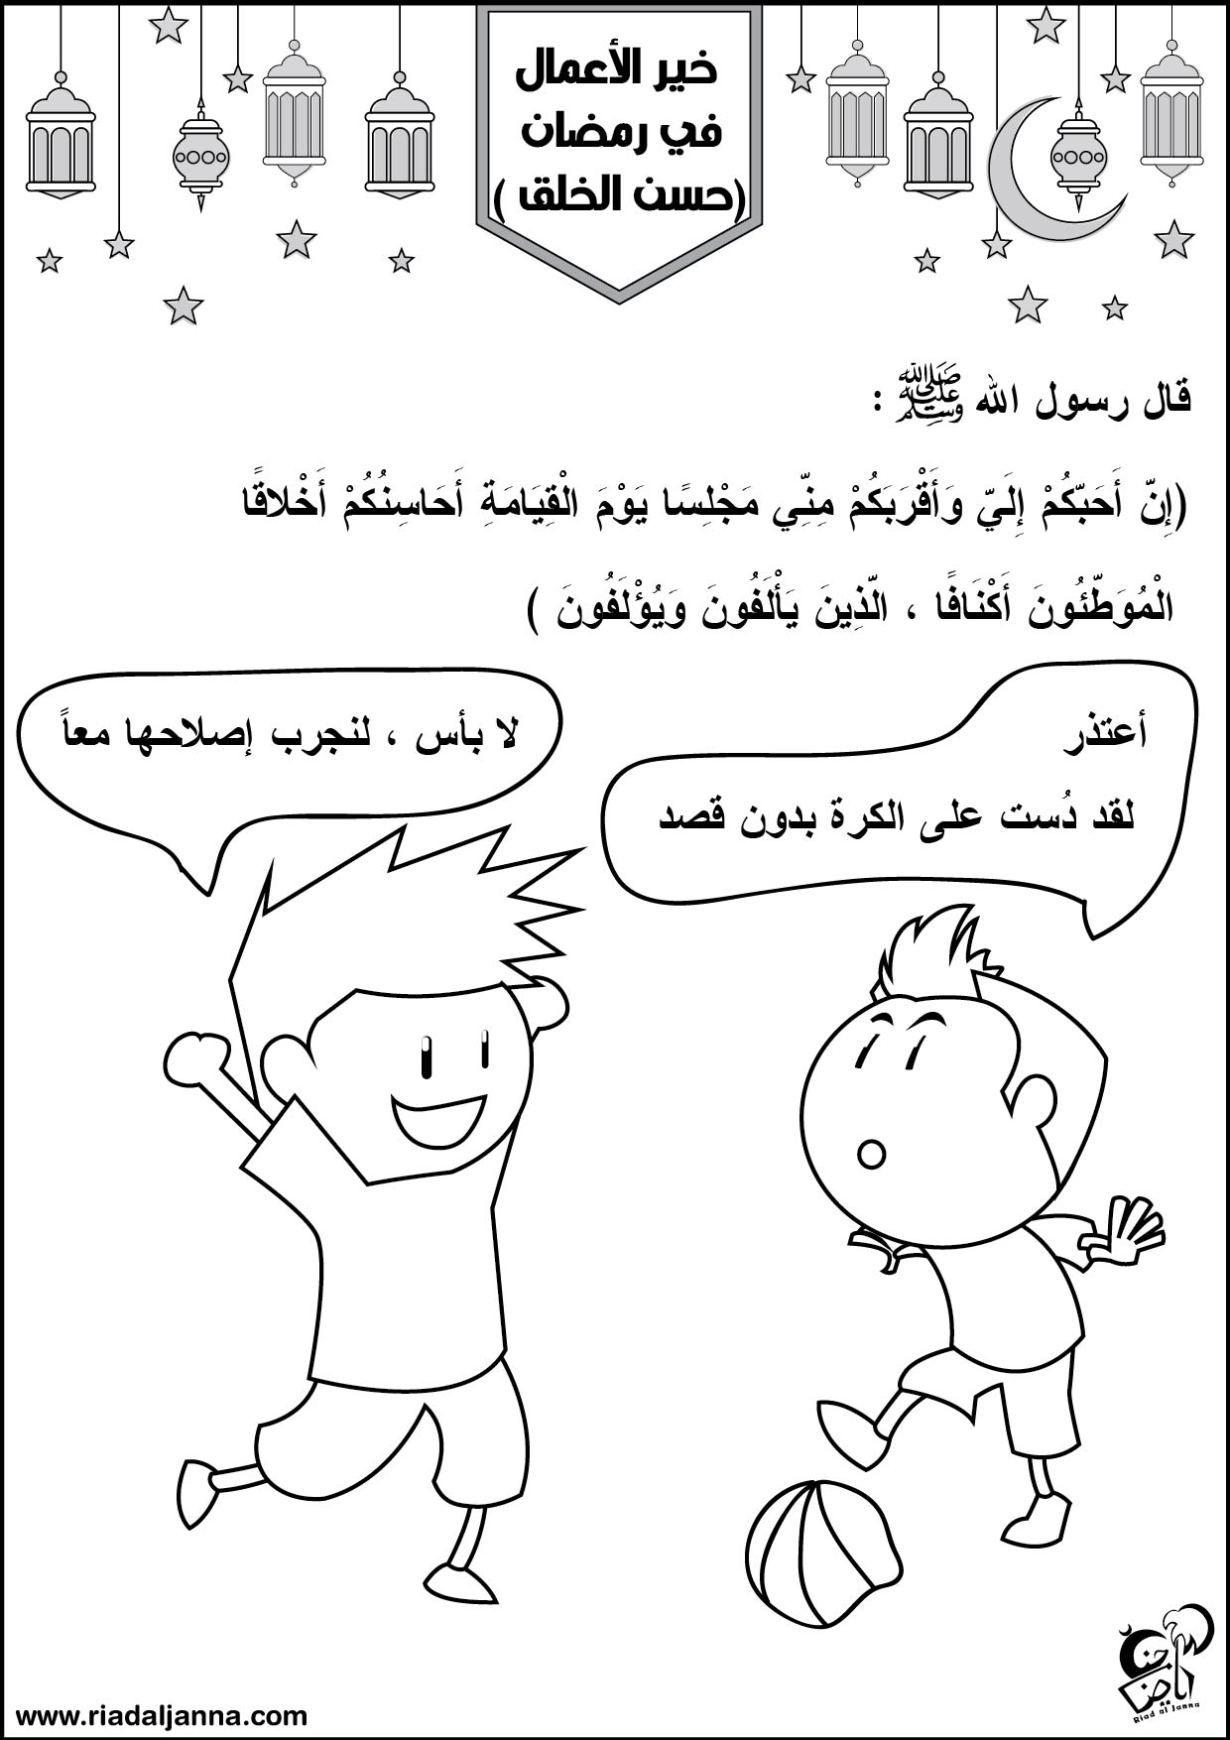 خير الأعمال في رمضان أوراق تلوين رياض الجنة Muslim Kids Activities Arabic Kids Islamic Kids Activities